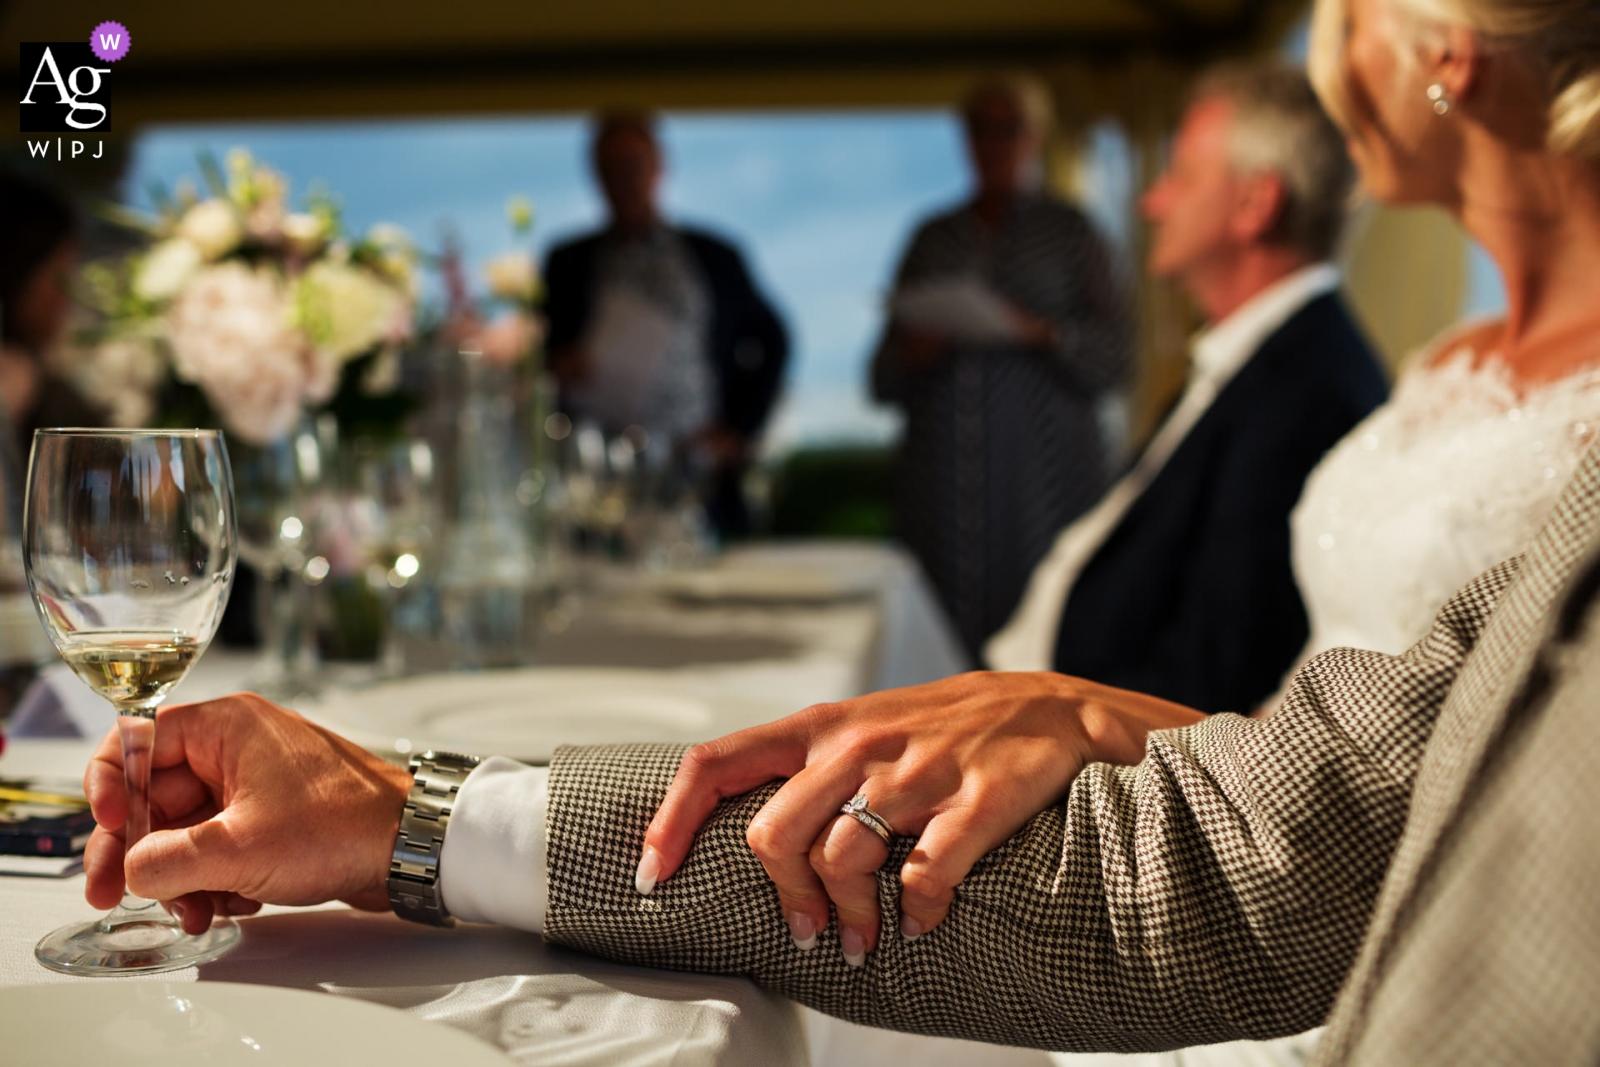 托斯卡納創意婚紗攝影| 拿著新郎的胳膊的新娘細節,顯示她的圓環